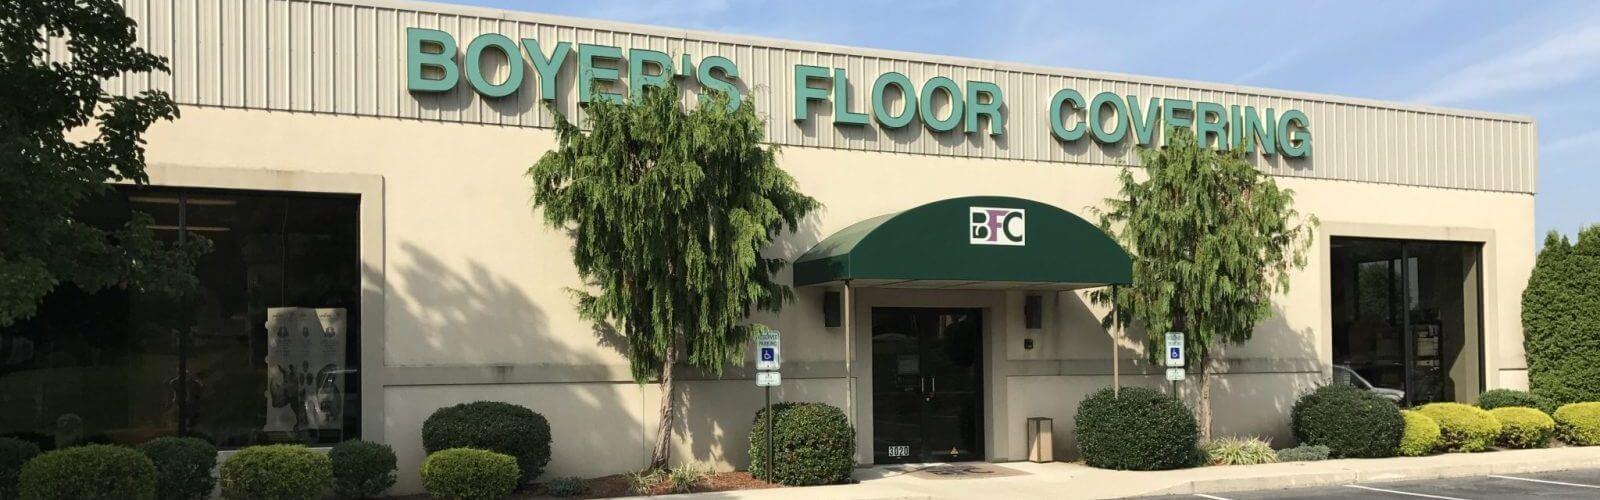 Boyers floor covering storefront   Boyer's Floor Covering